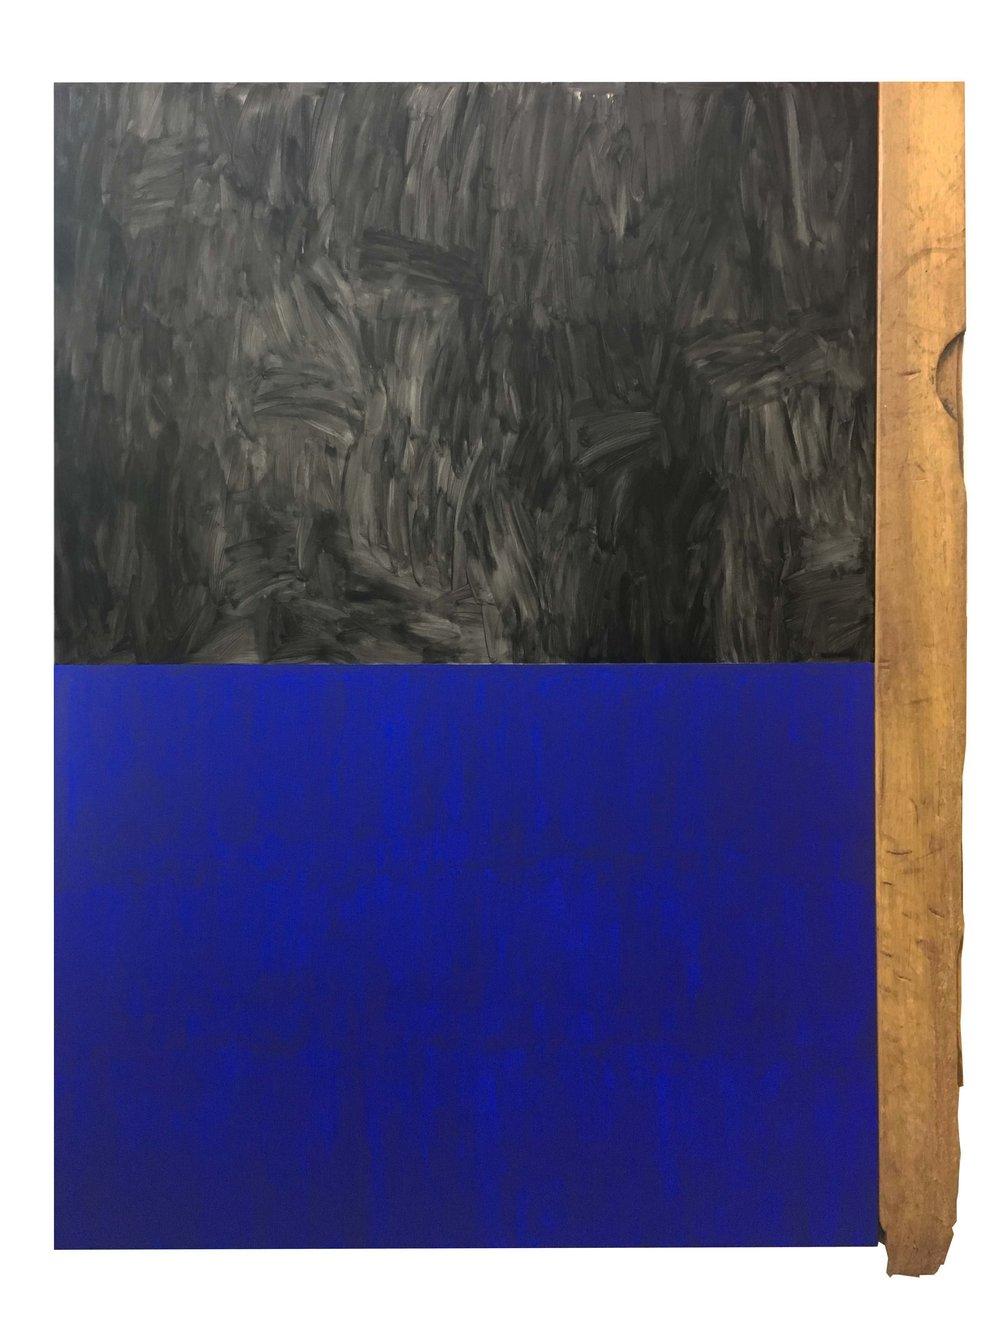 #26, 170 x 134 cms